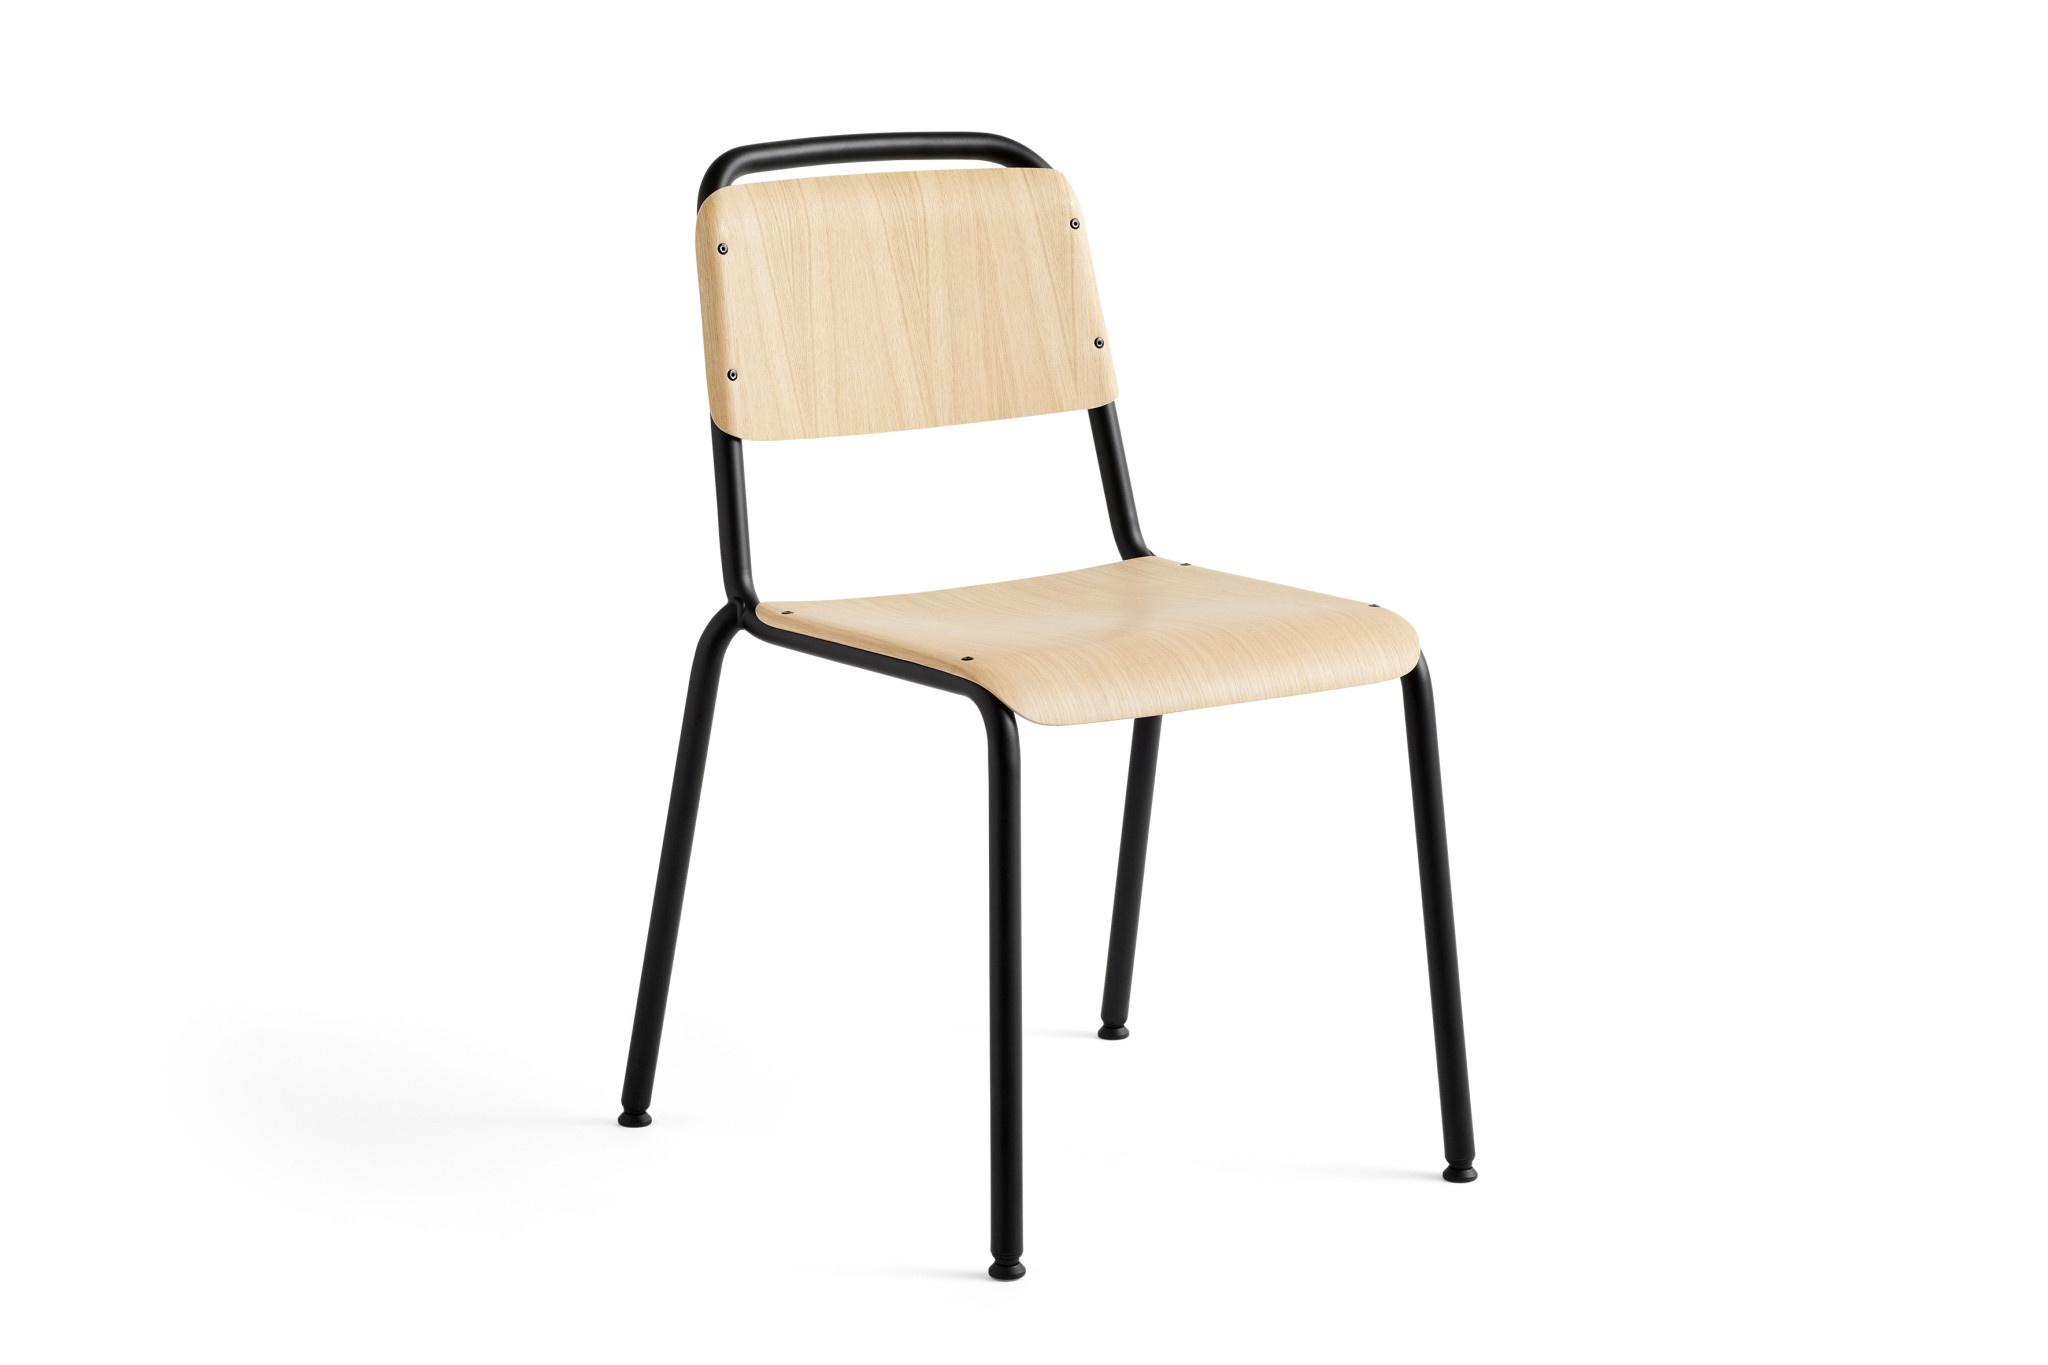 HAY Halftime chair - black steel frame